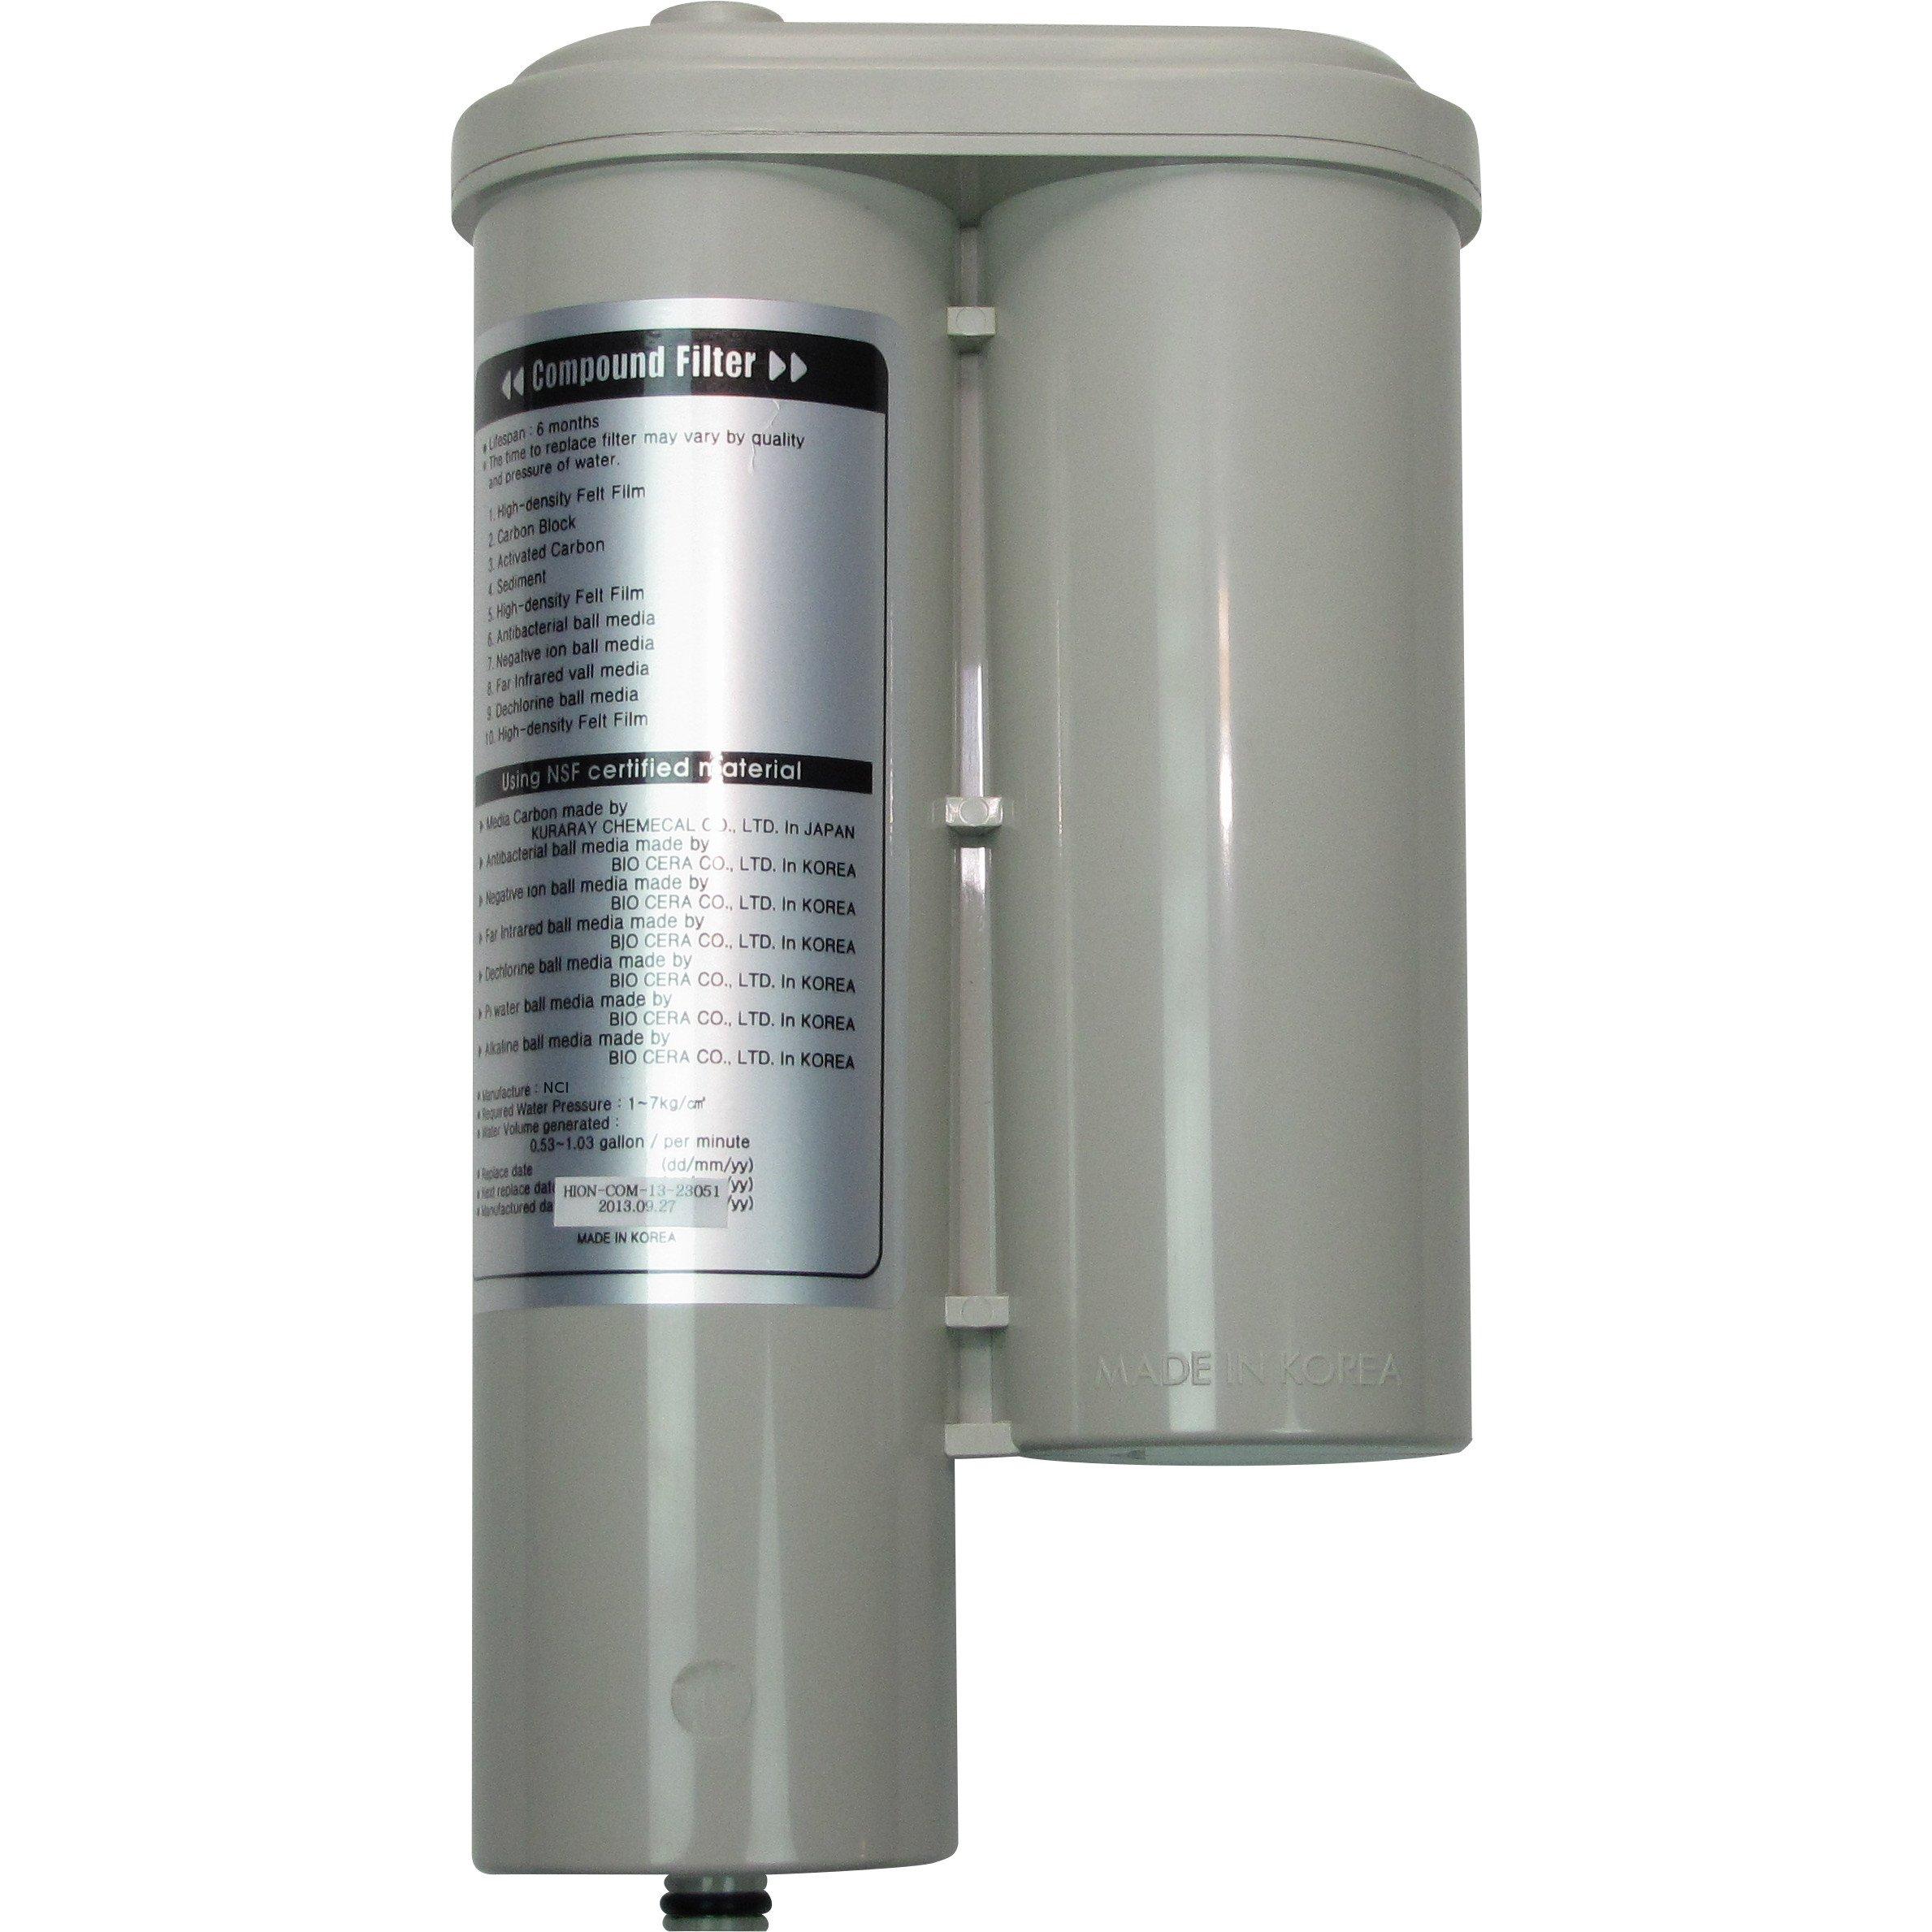 Replacement Filter for Alkaline Water Ionizer Machine - Galaxy Black IUNIQUE